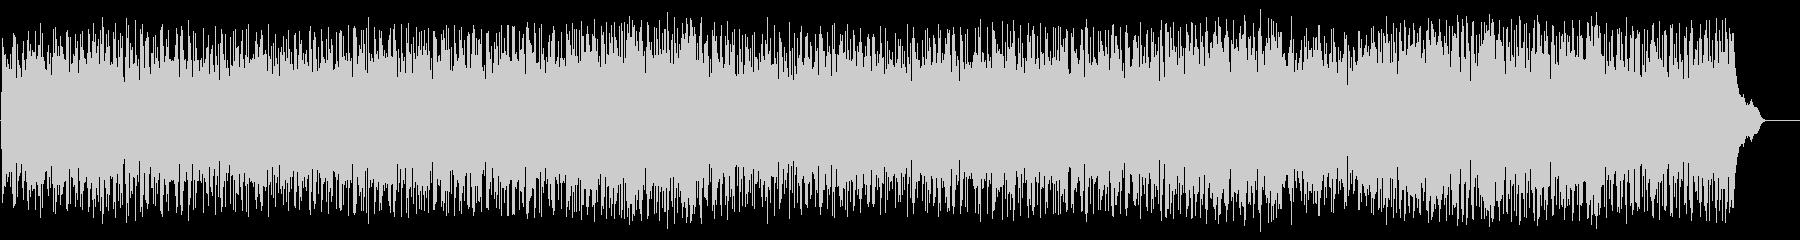 ポップ アコースティック(フルサイズ)の未再生の波形